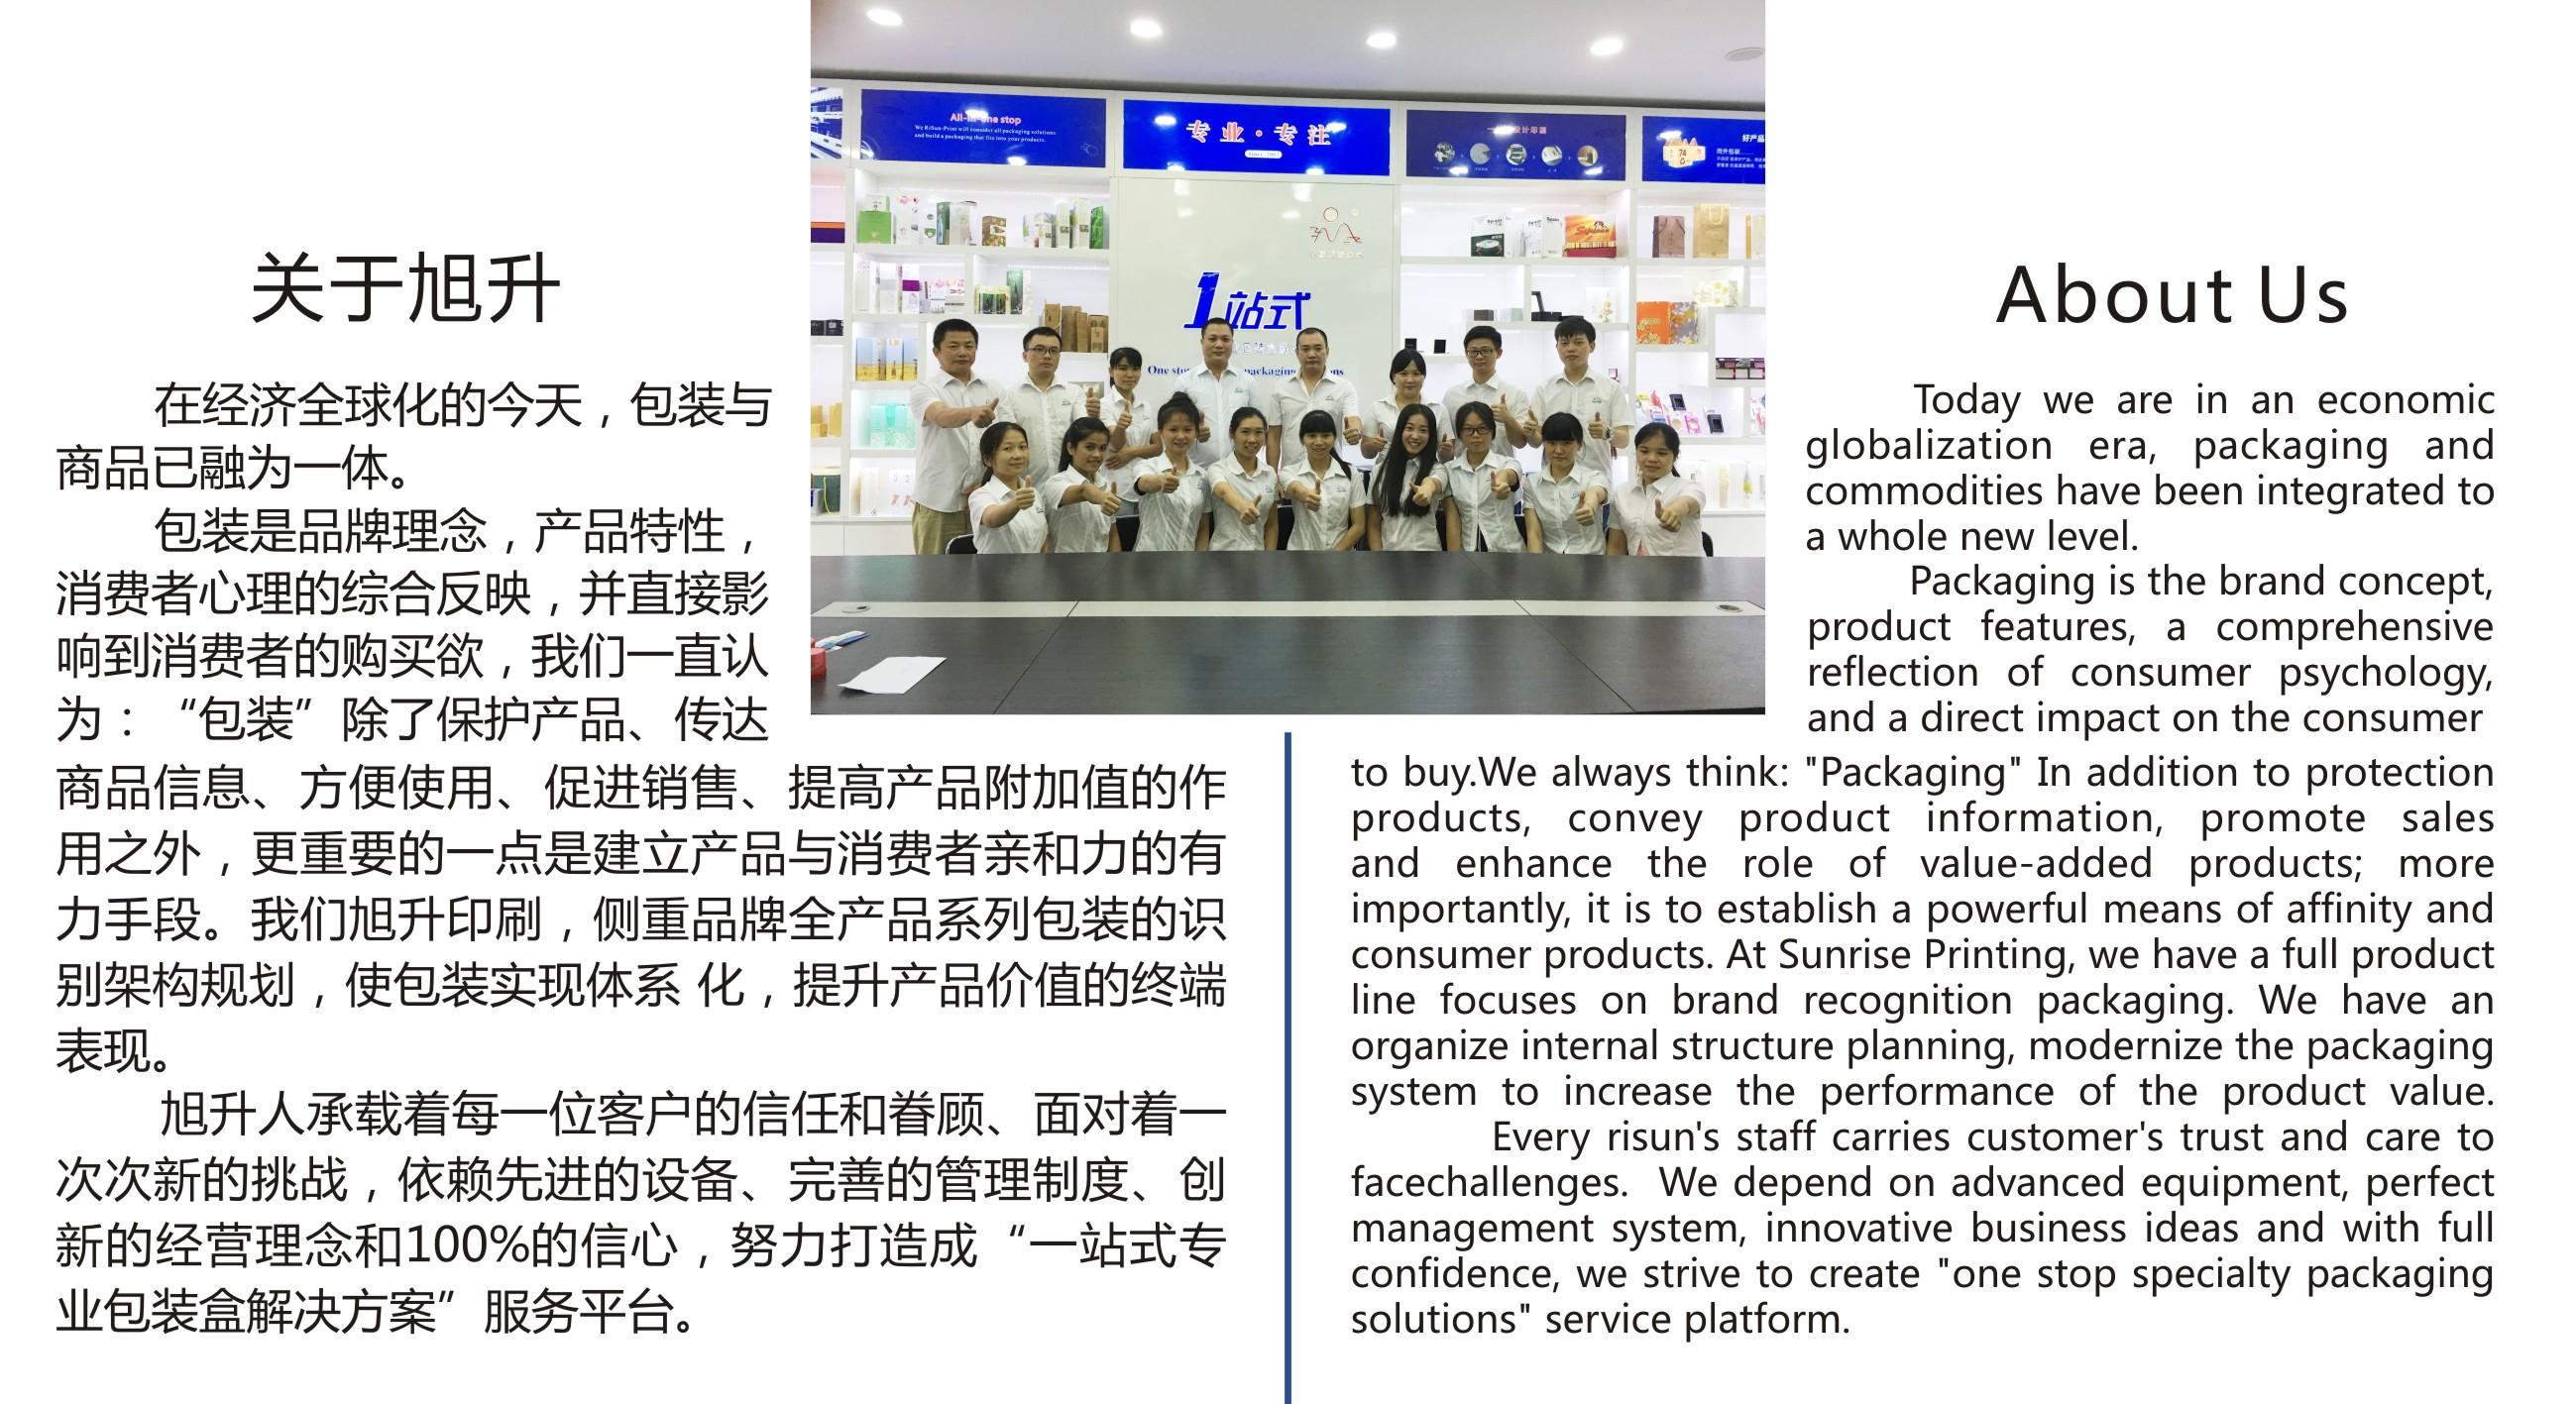 山东包装盒制作交货快的生产厂家-济南尚邦佳品包装制品有限公司